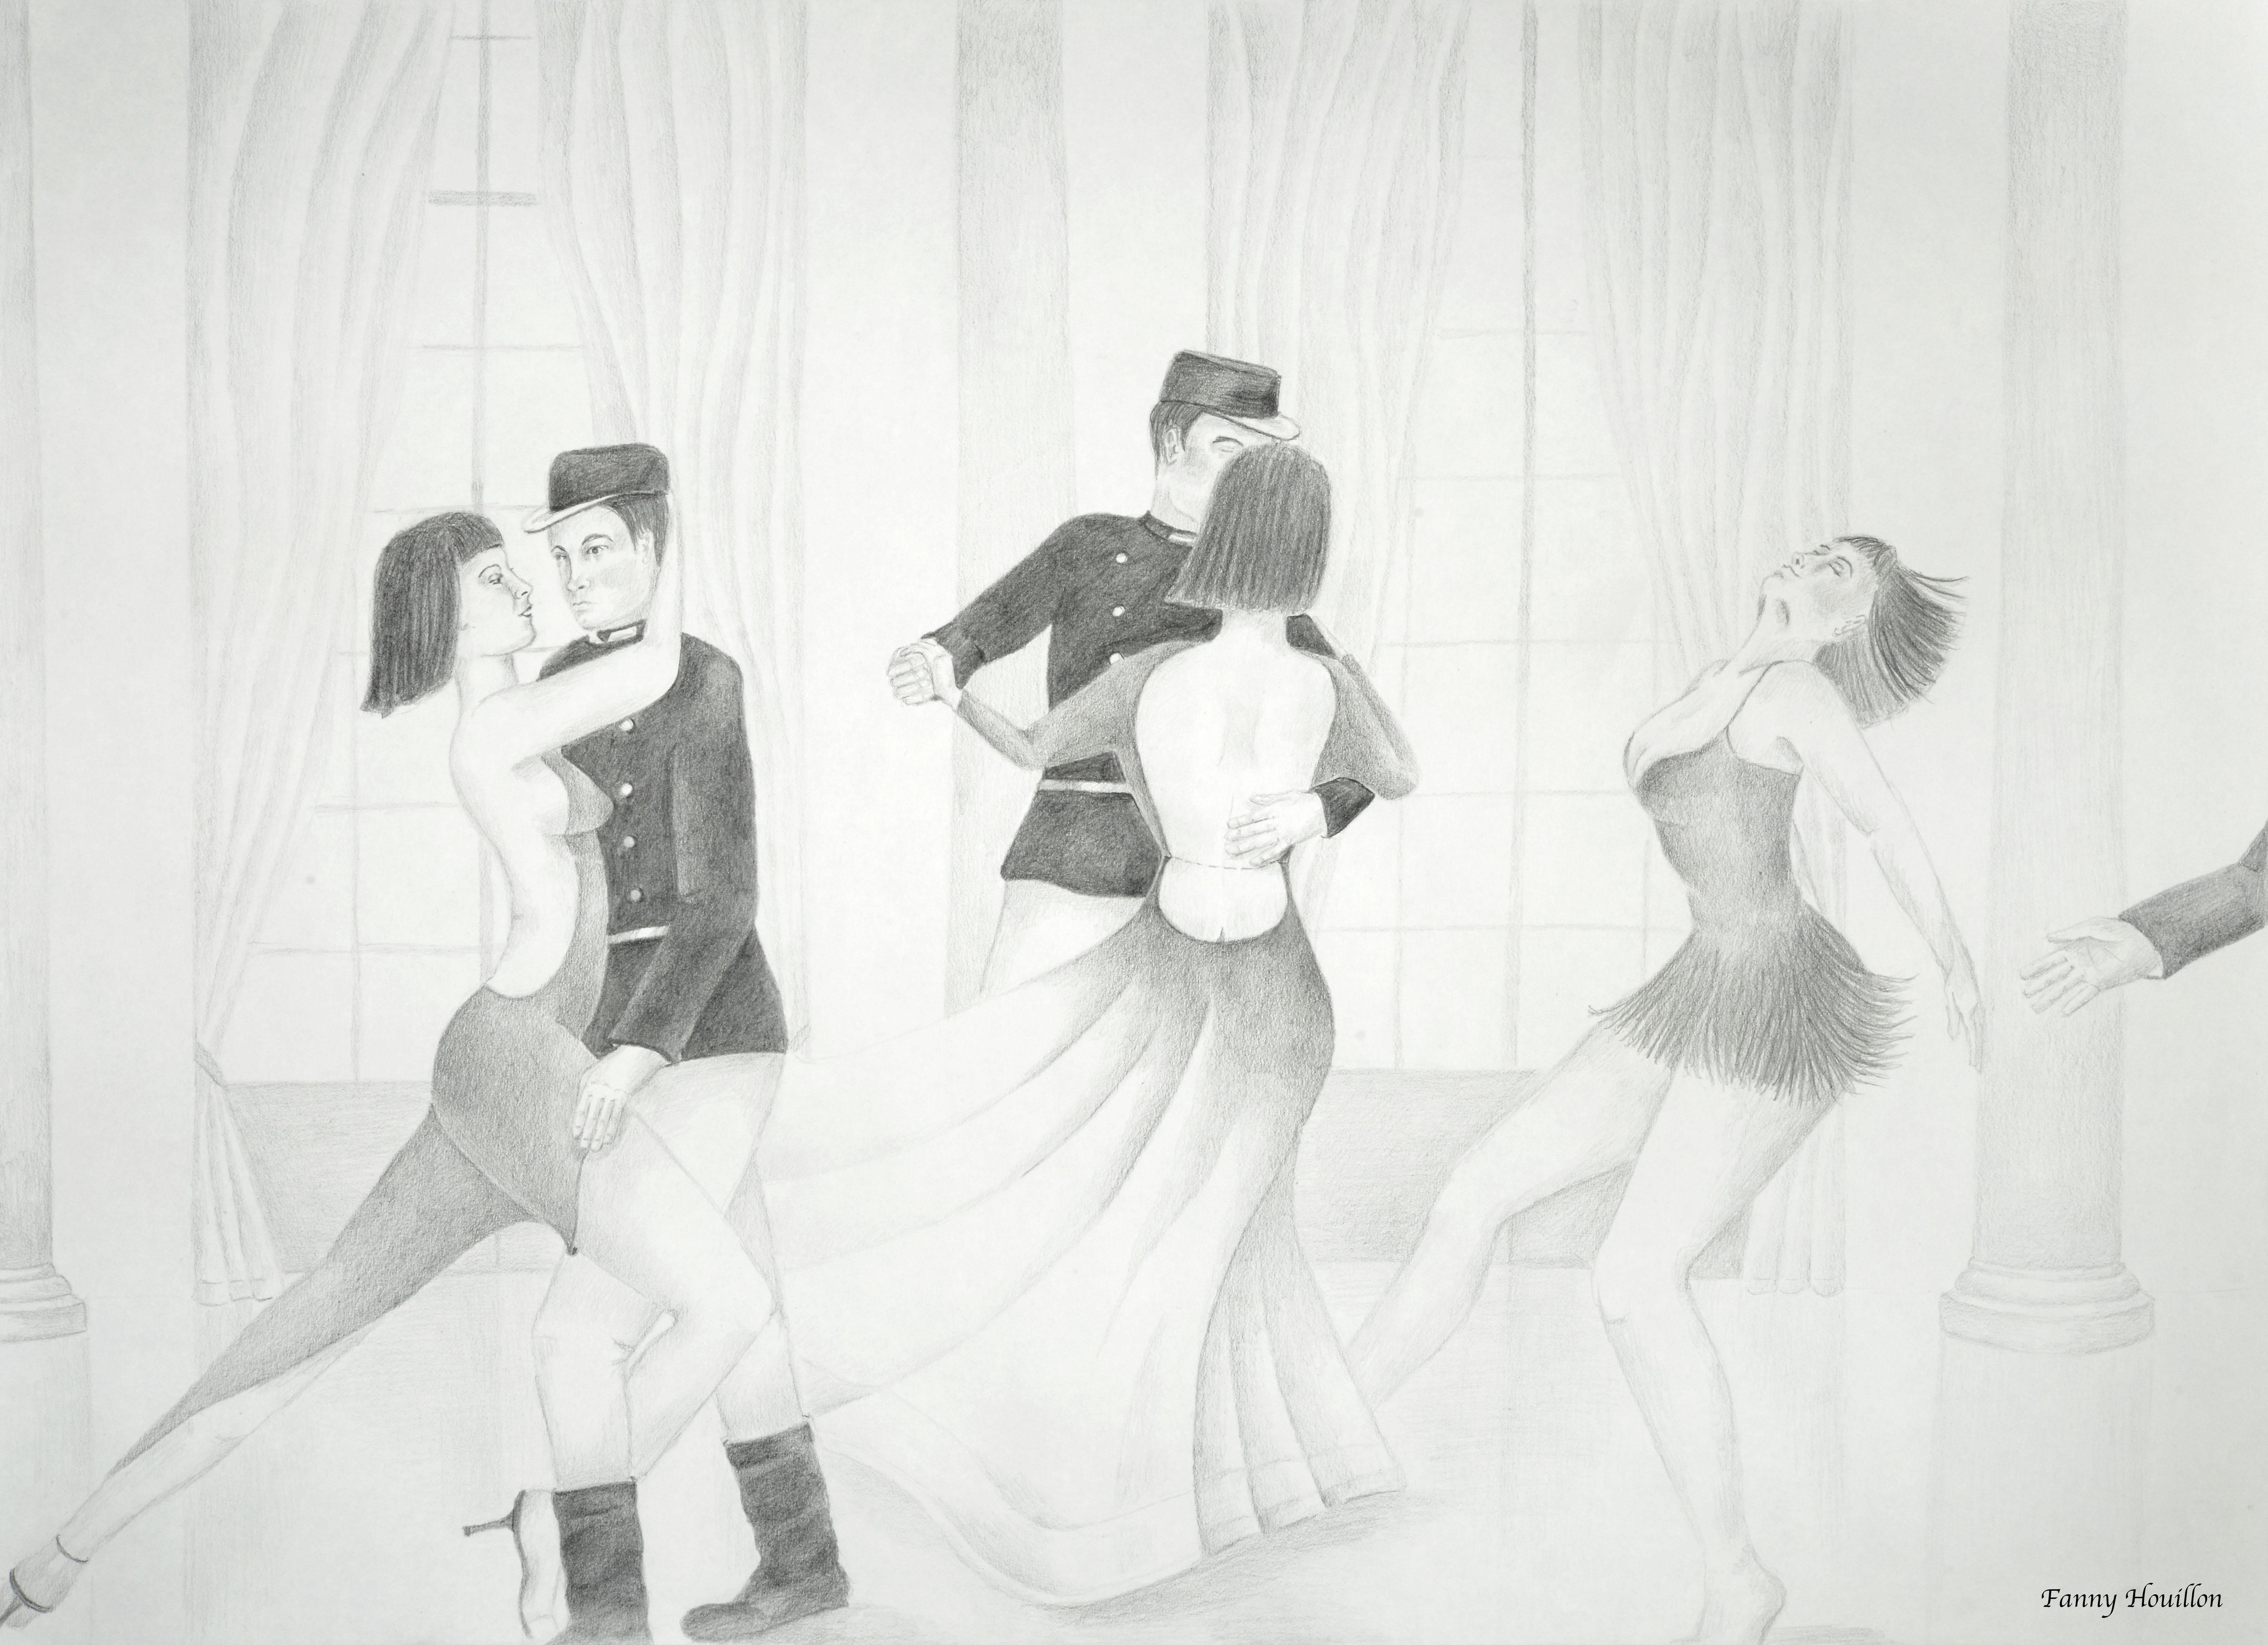 Les Trois danses